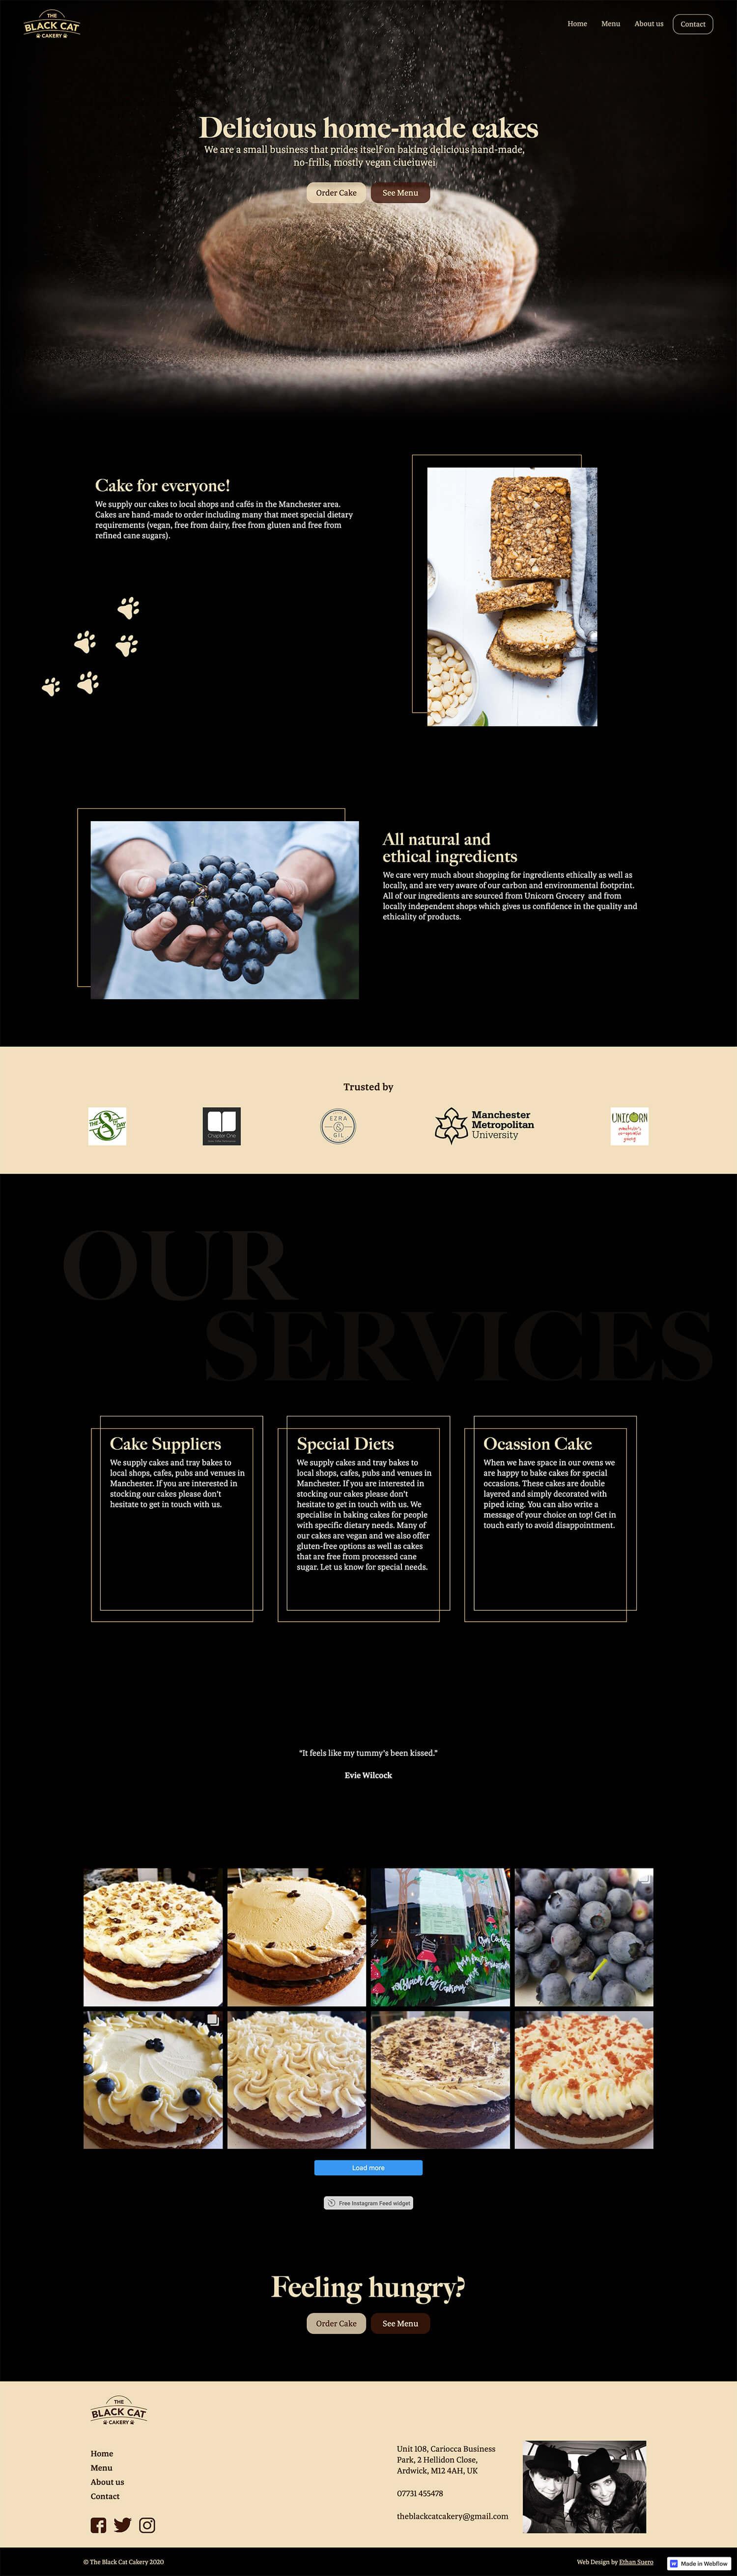 Cakery website design